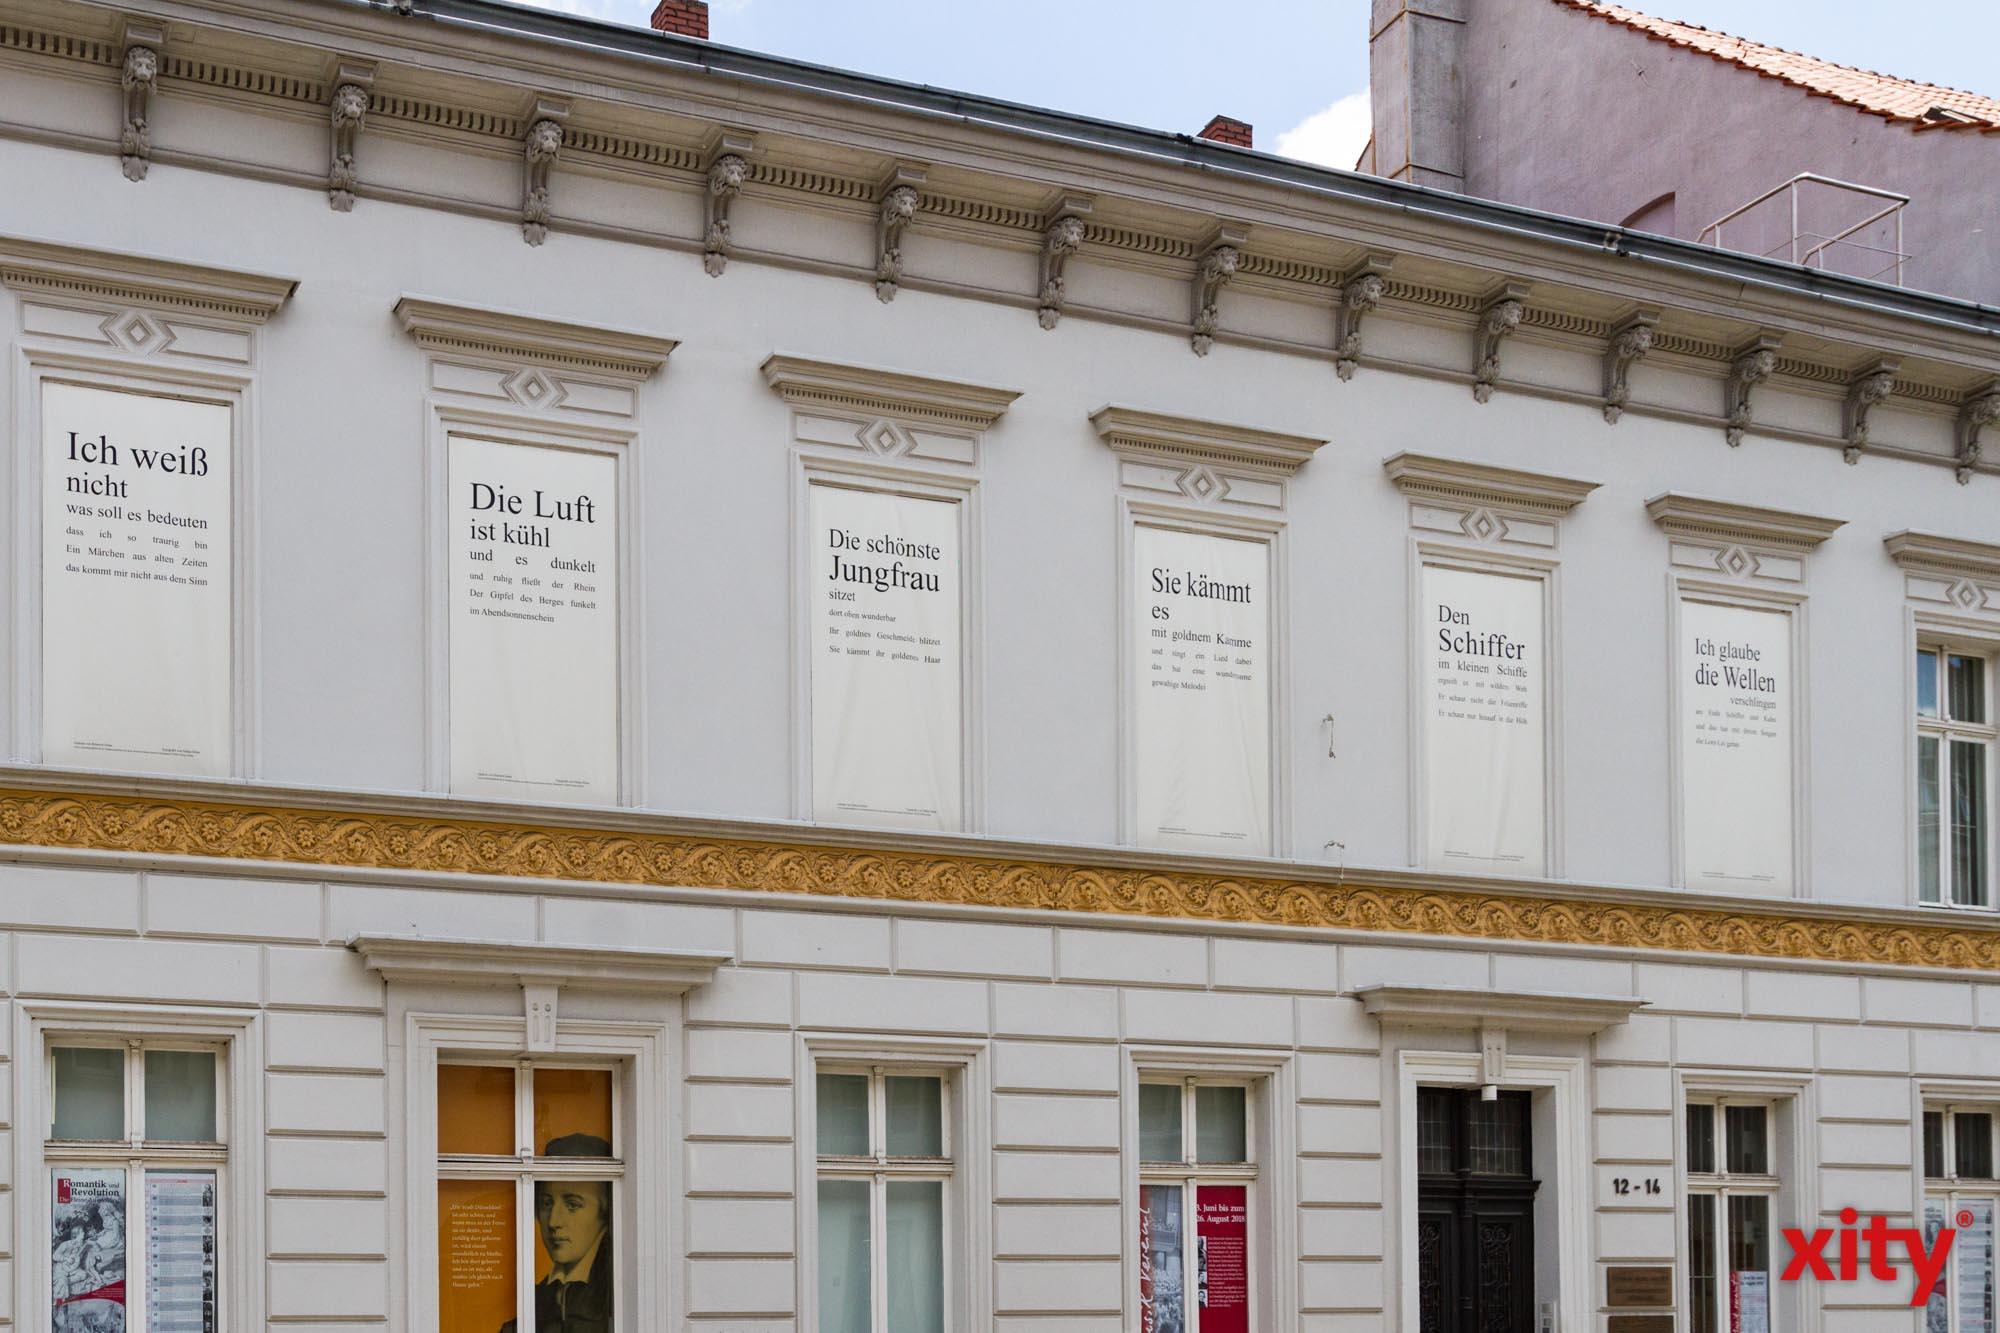 Heinrich-Heine-Institut gedenkt Bruno Kehrein